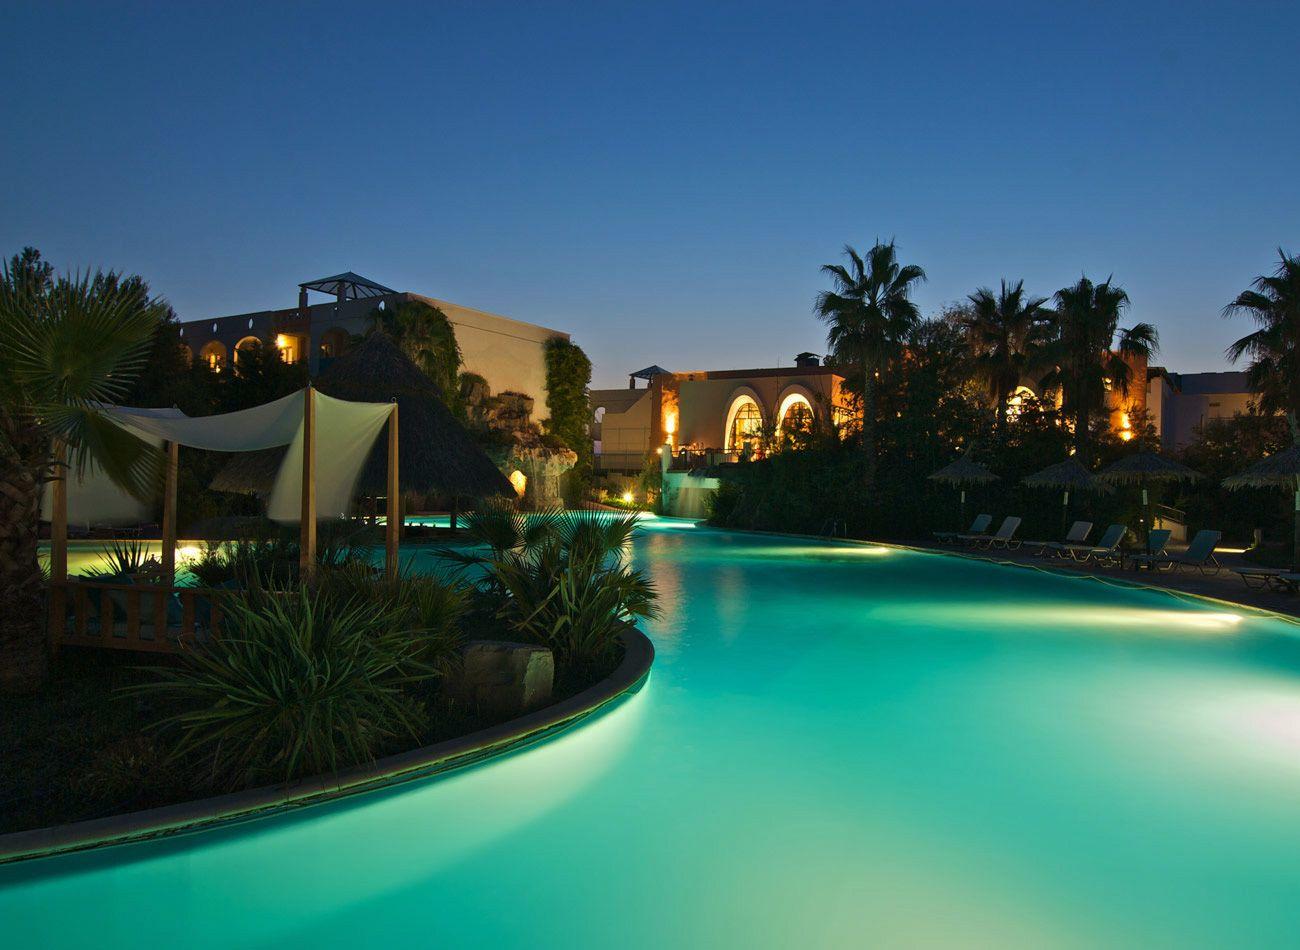 images of luxury resorts | Ilio Mare Thassos | Luxury 5 ...